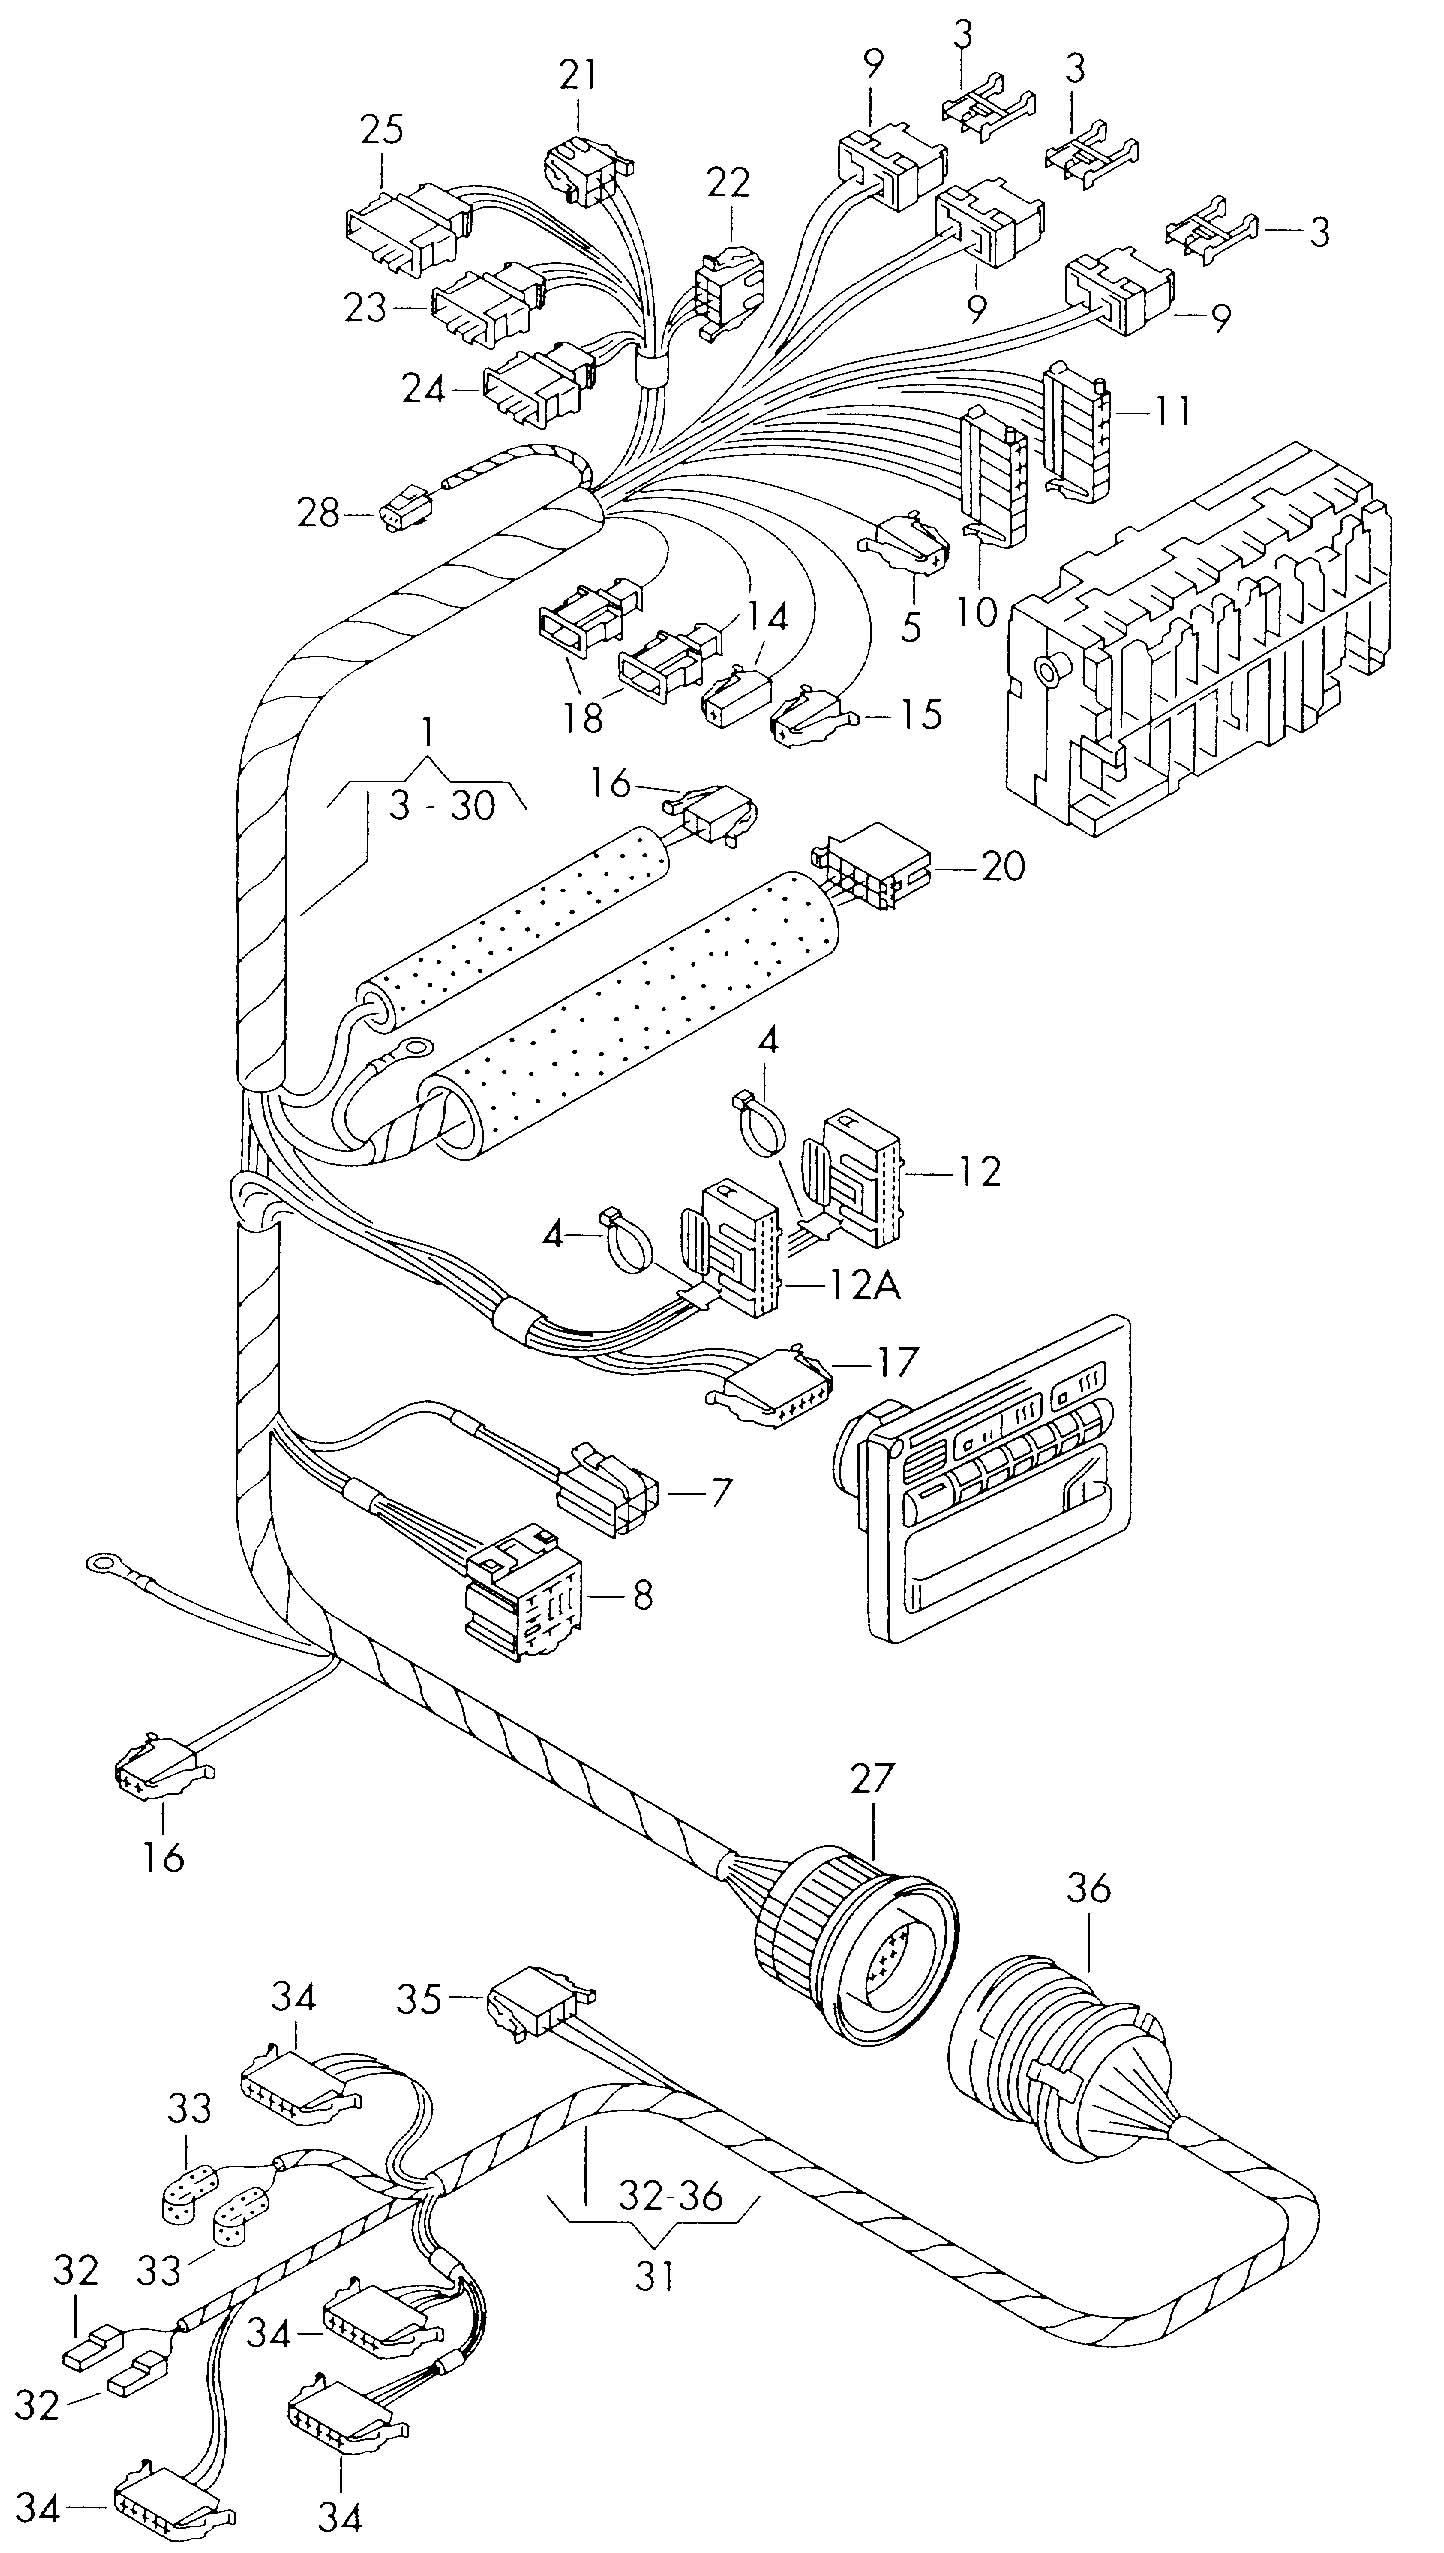 Volkswagen Eurovan Adapter Wiring Harness Adapter Harness